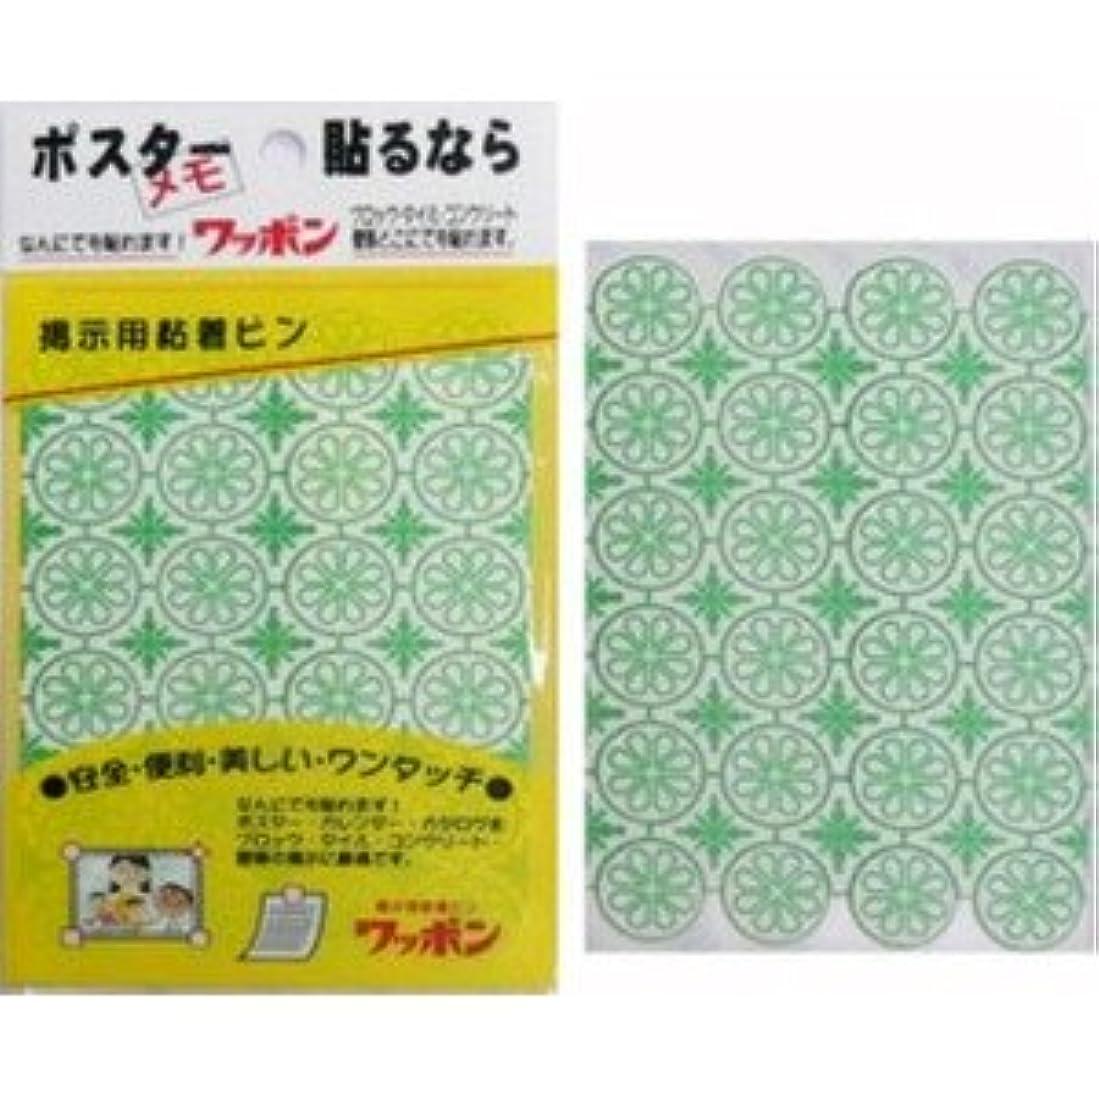 インストラクター薬剤師カヌーニューワッポンレギュラー緑【10個セット】 RW-2G